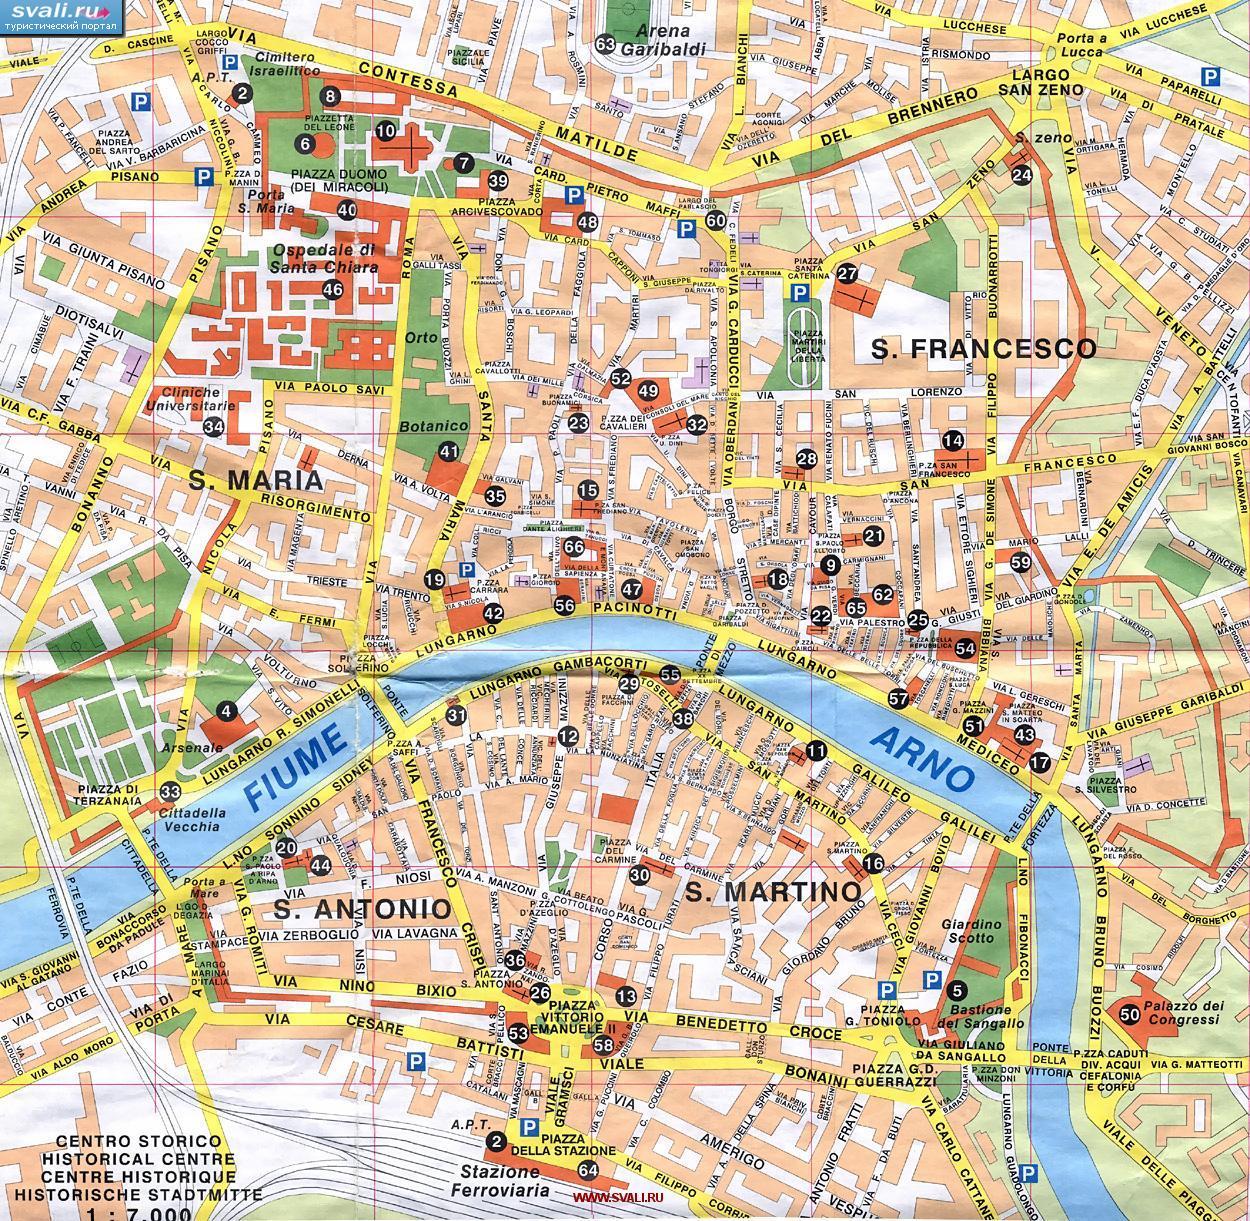 Karty Karta Centra Pizy Piza Italiya Ital Italiya